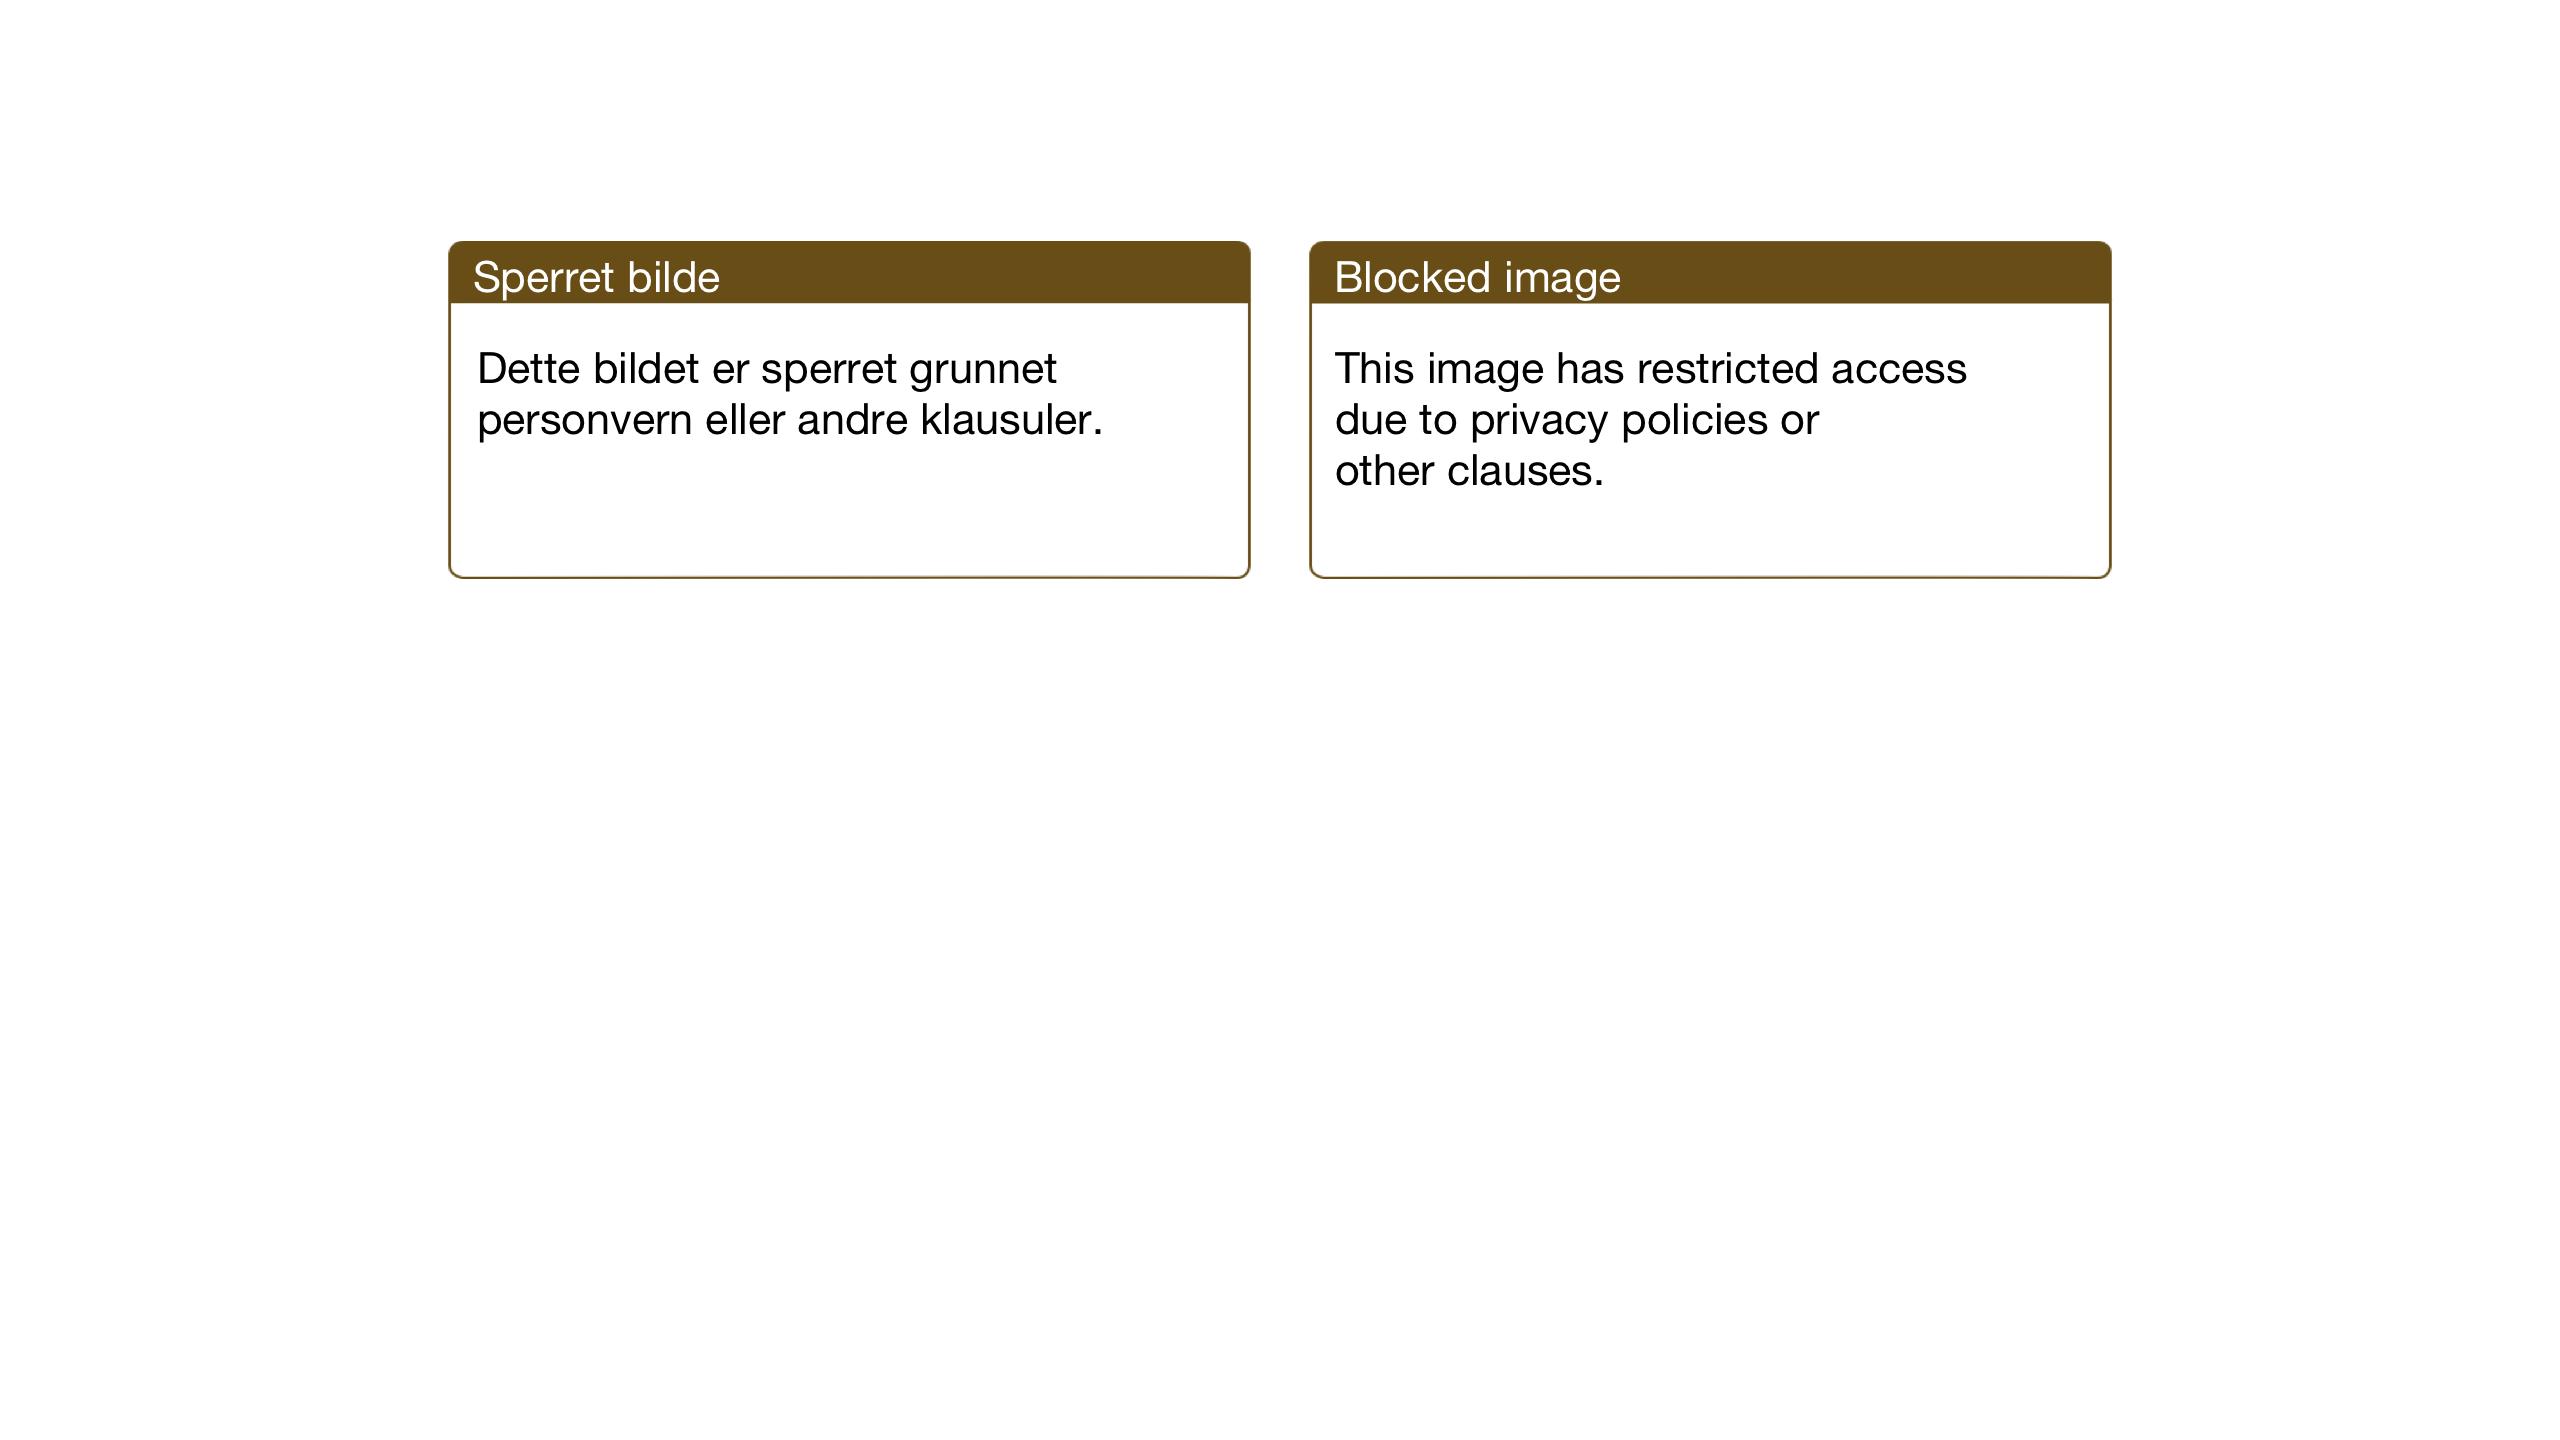 SAT, Ministerialprotokoller, klokkerbøker og fødselsregistre - Sør-Trøndelag, 655/L0690: Klokkerbok nr. 655C06, 1937-1950, s. 158